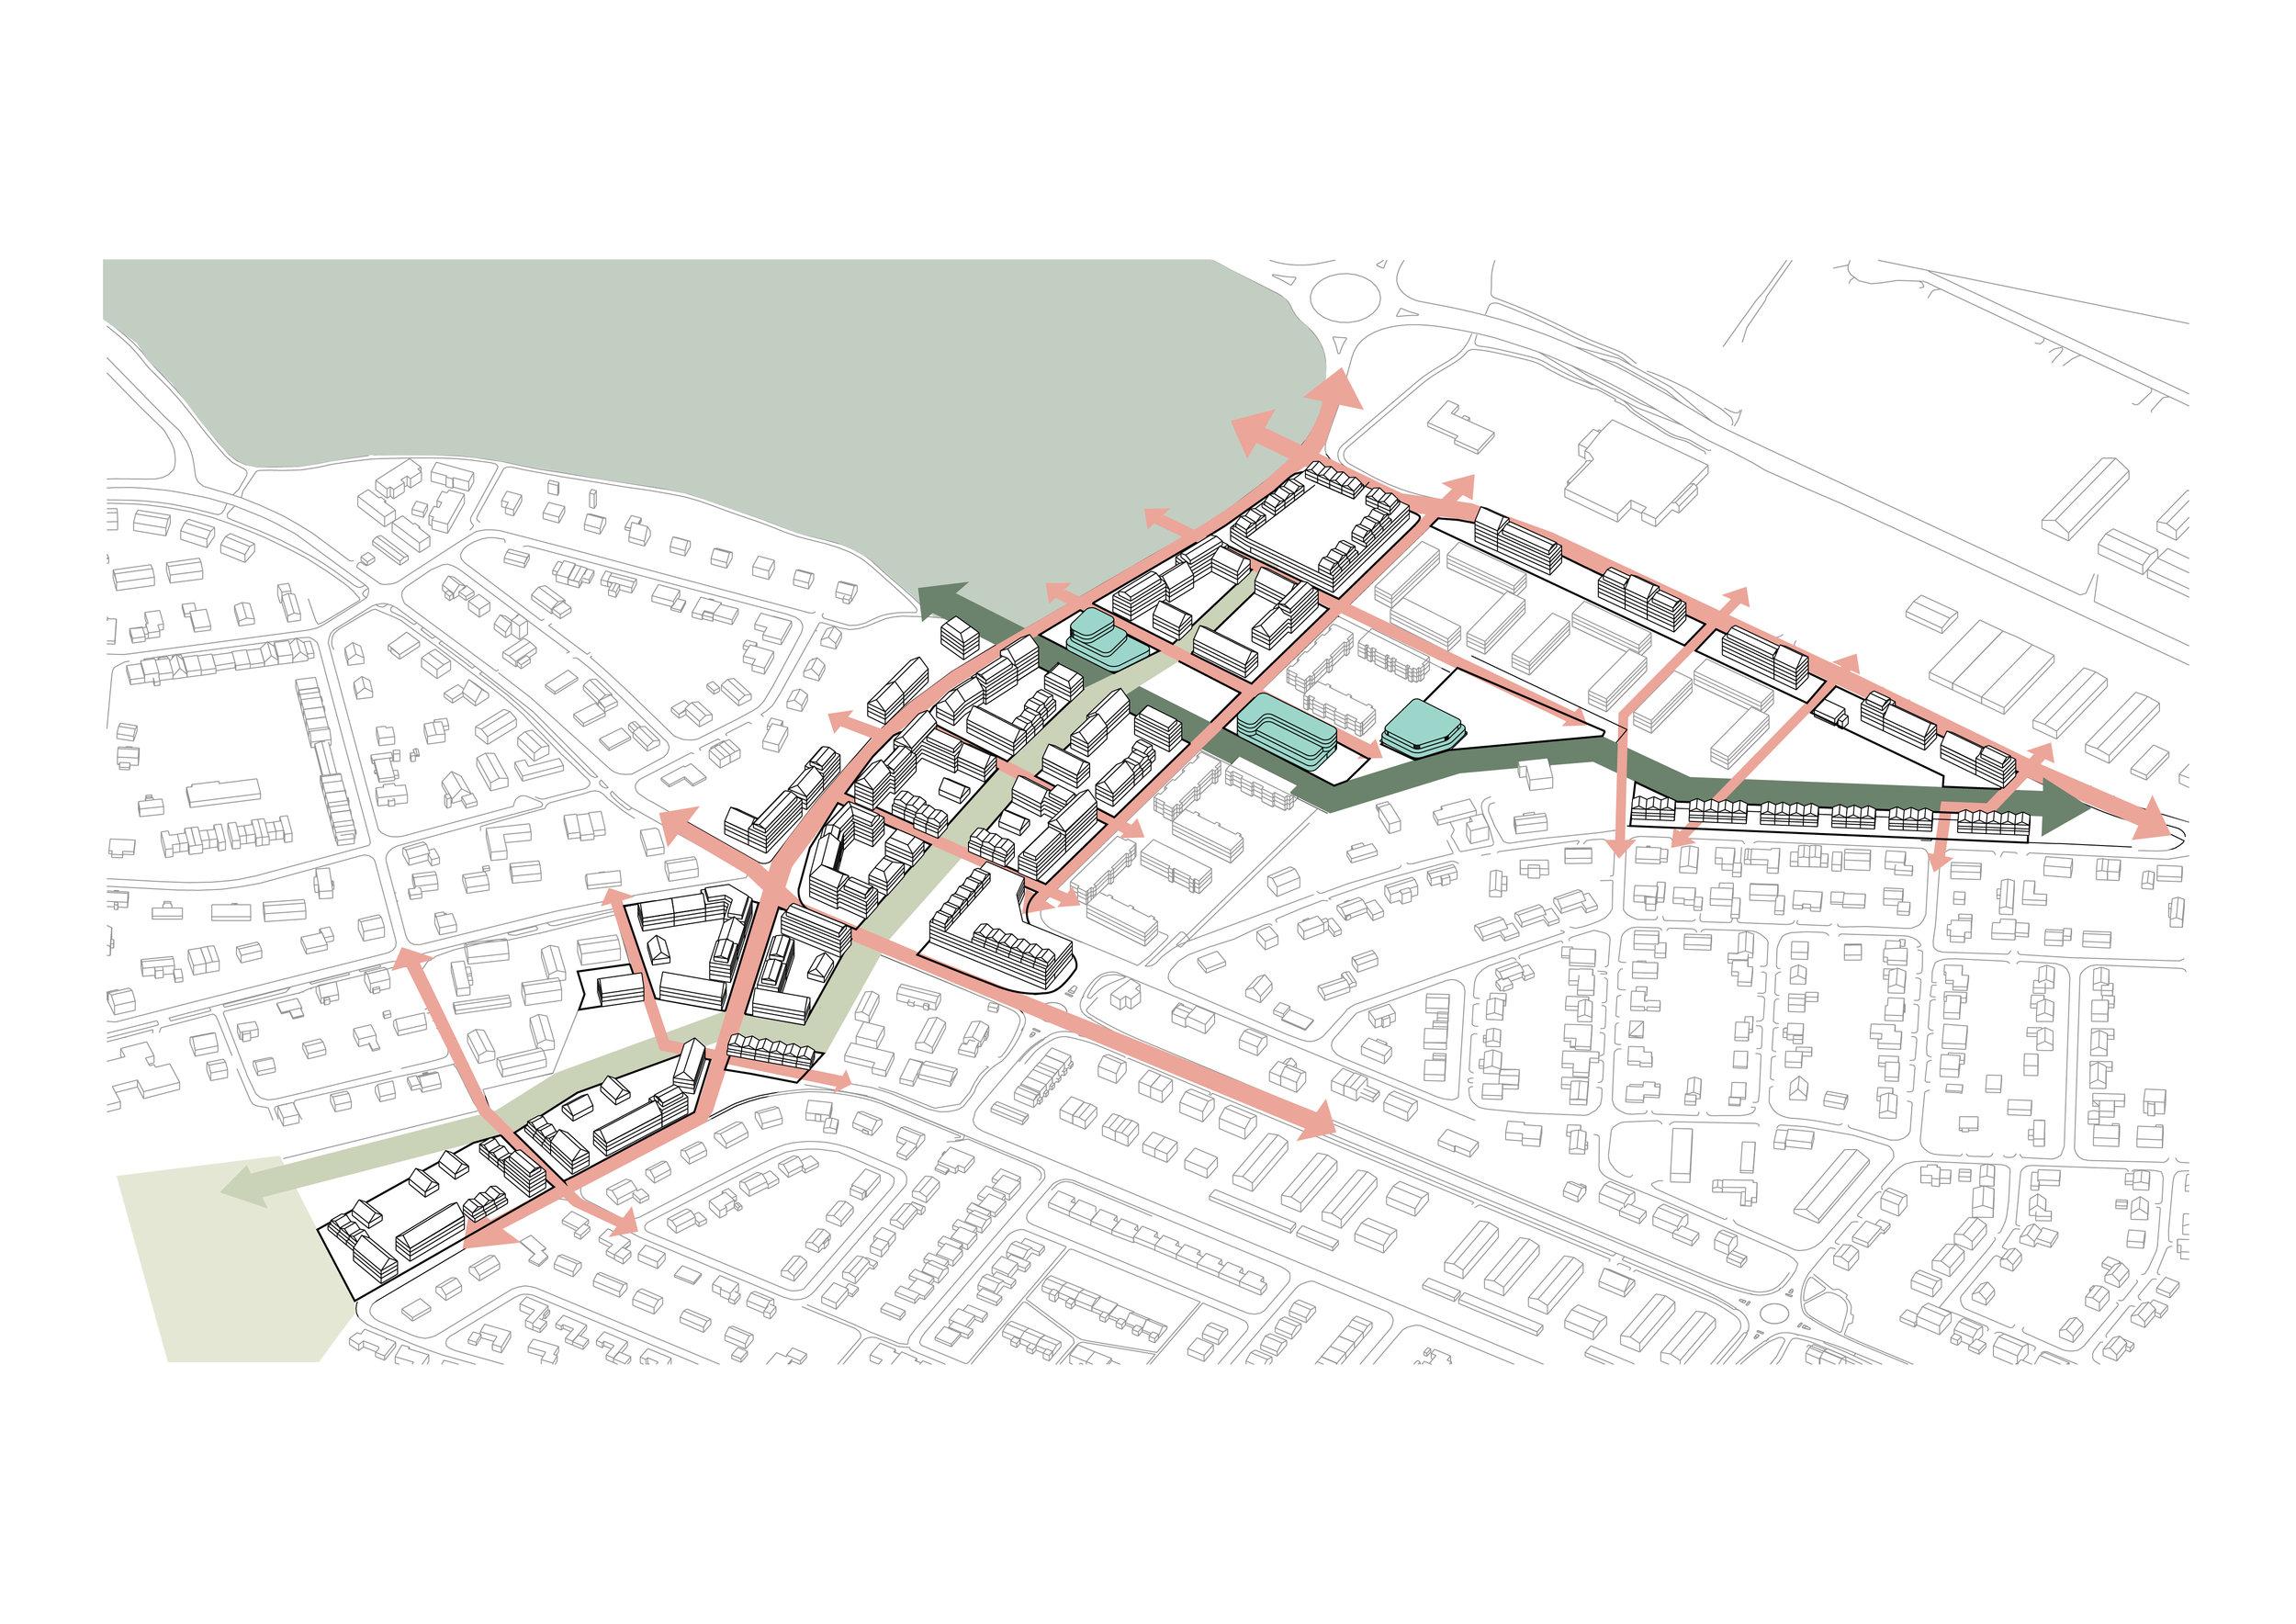 Länkar av naturmiljö, rekreation och dagvattenhantering, Kvartersstruktur för både stad och park.